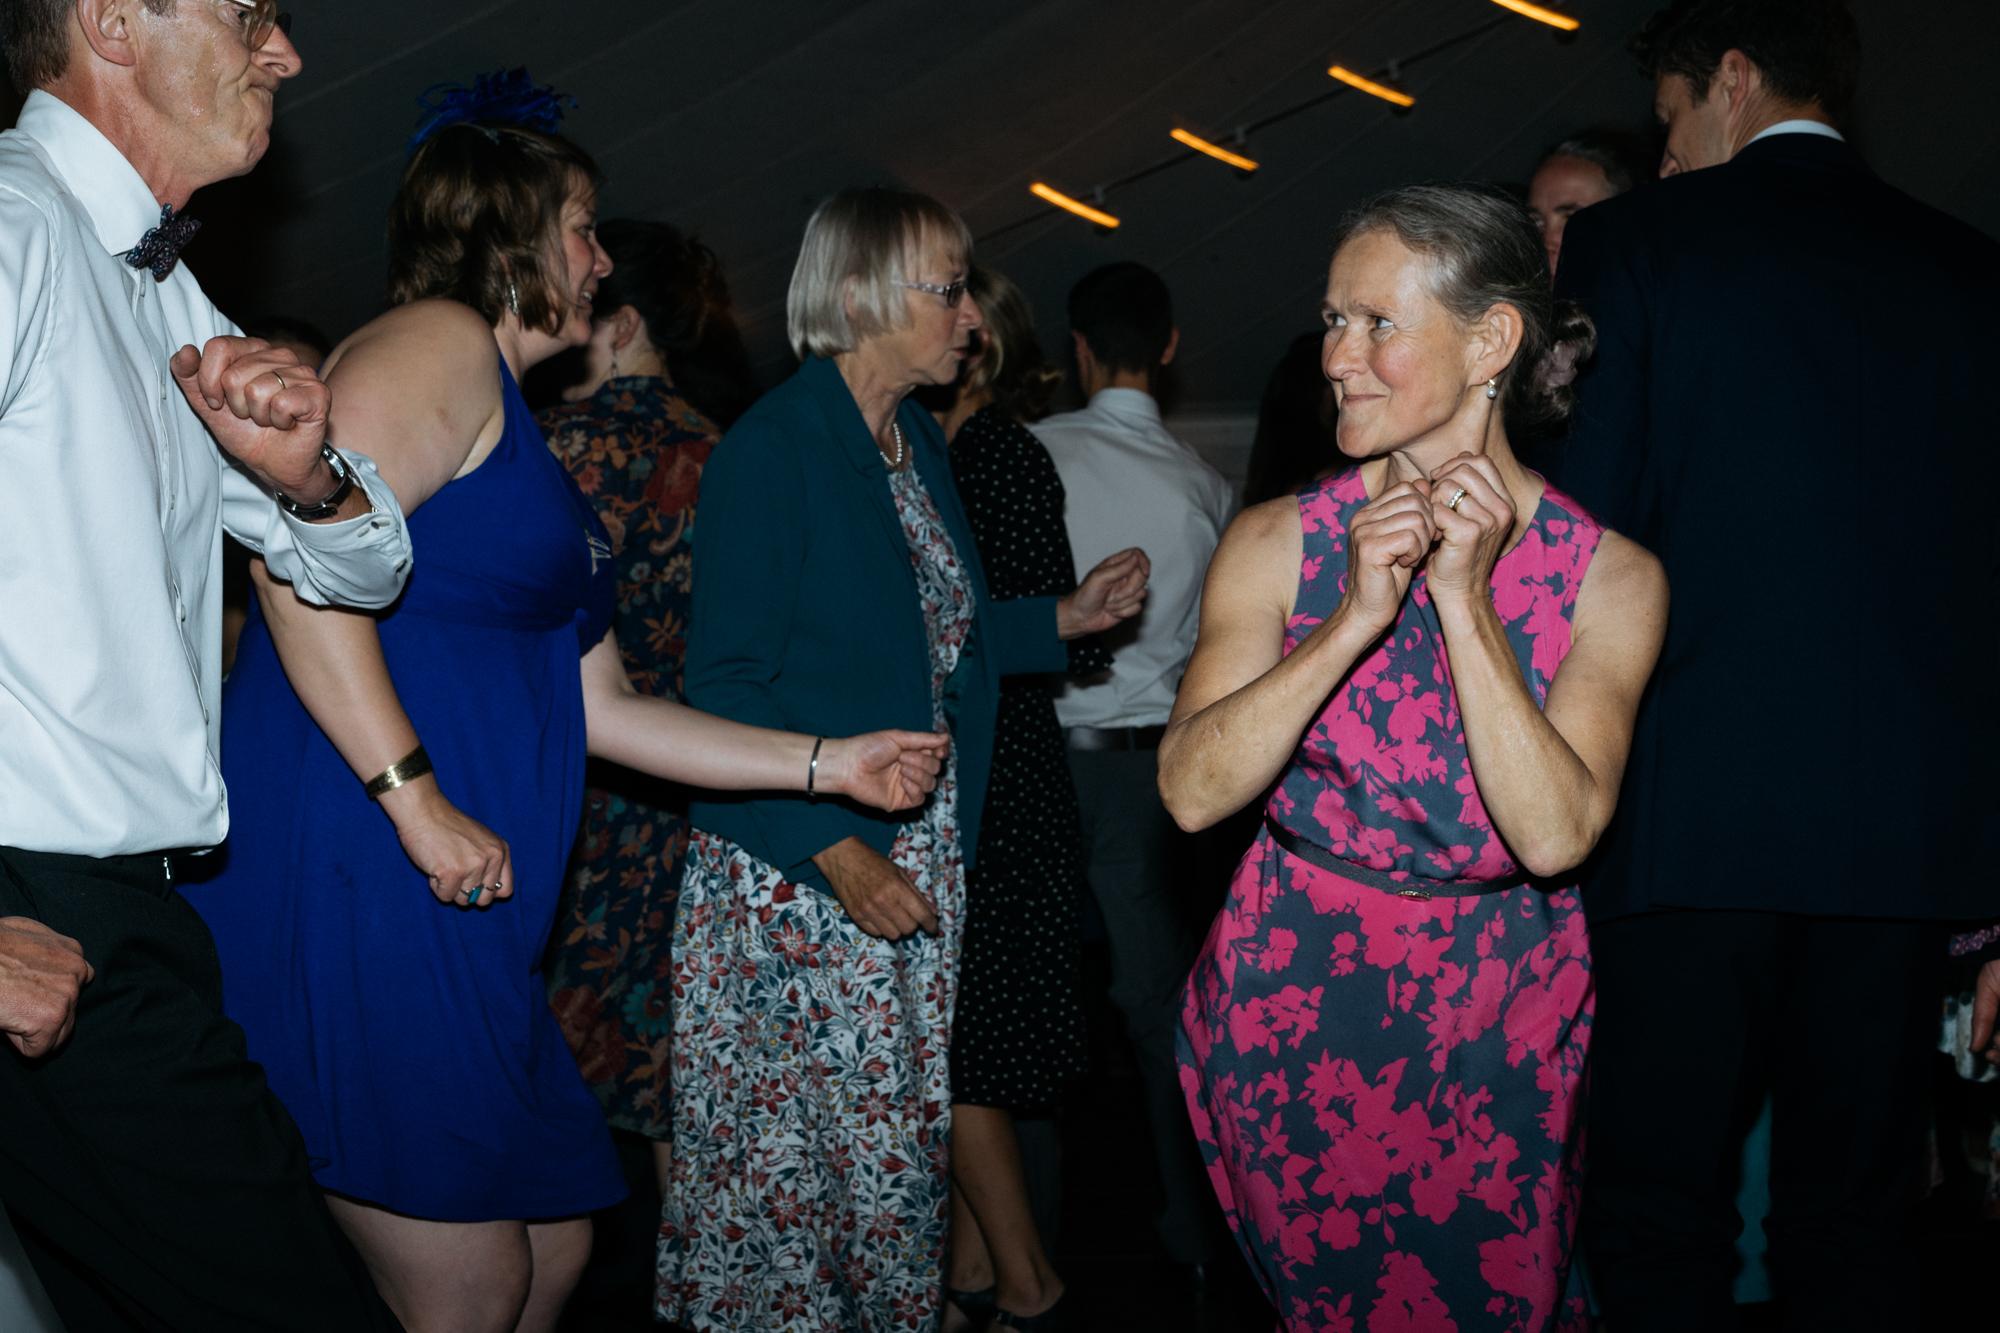 All dancing